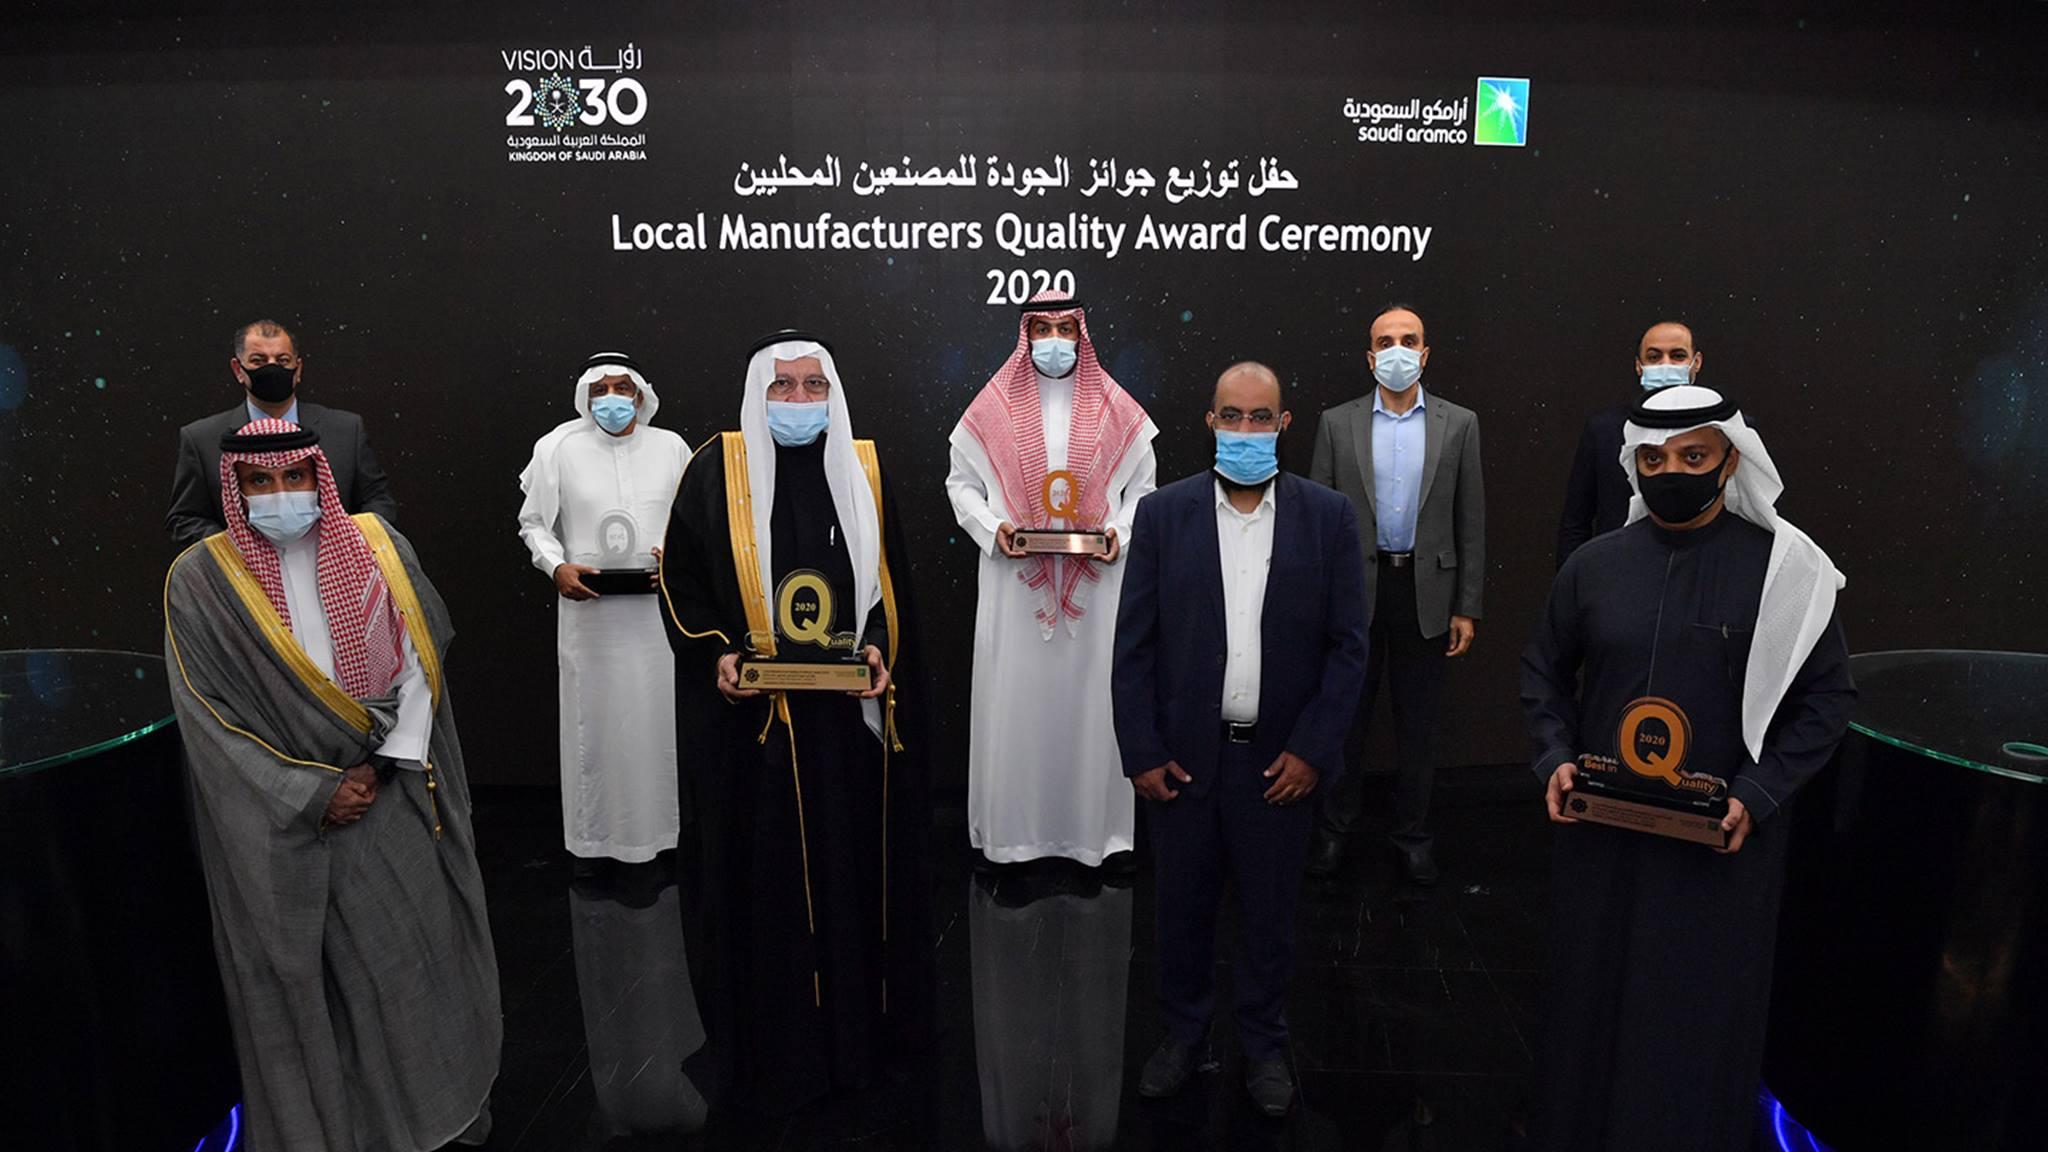 أرامكو السعودية تكرّم (13) مصنّعًا محليًا في حفل توزيع جوائز الجودة 2020